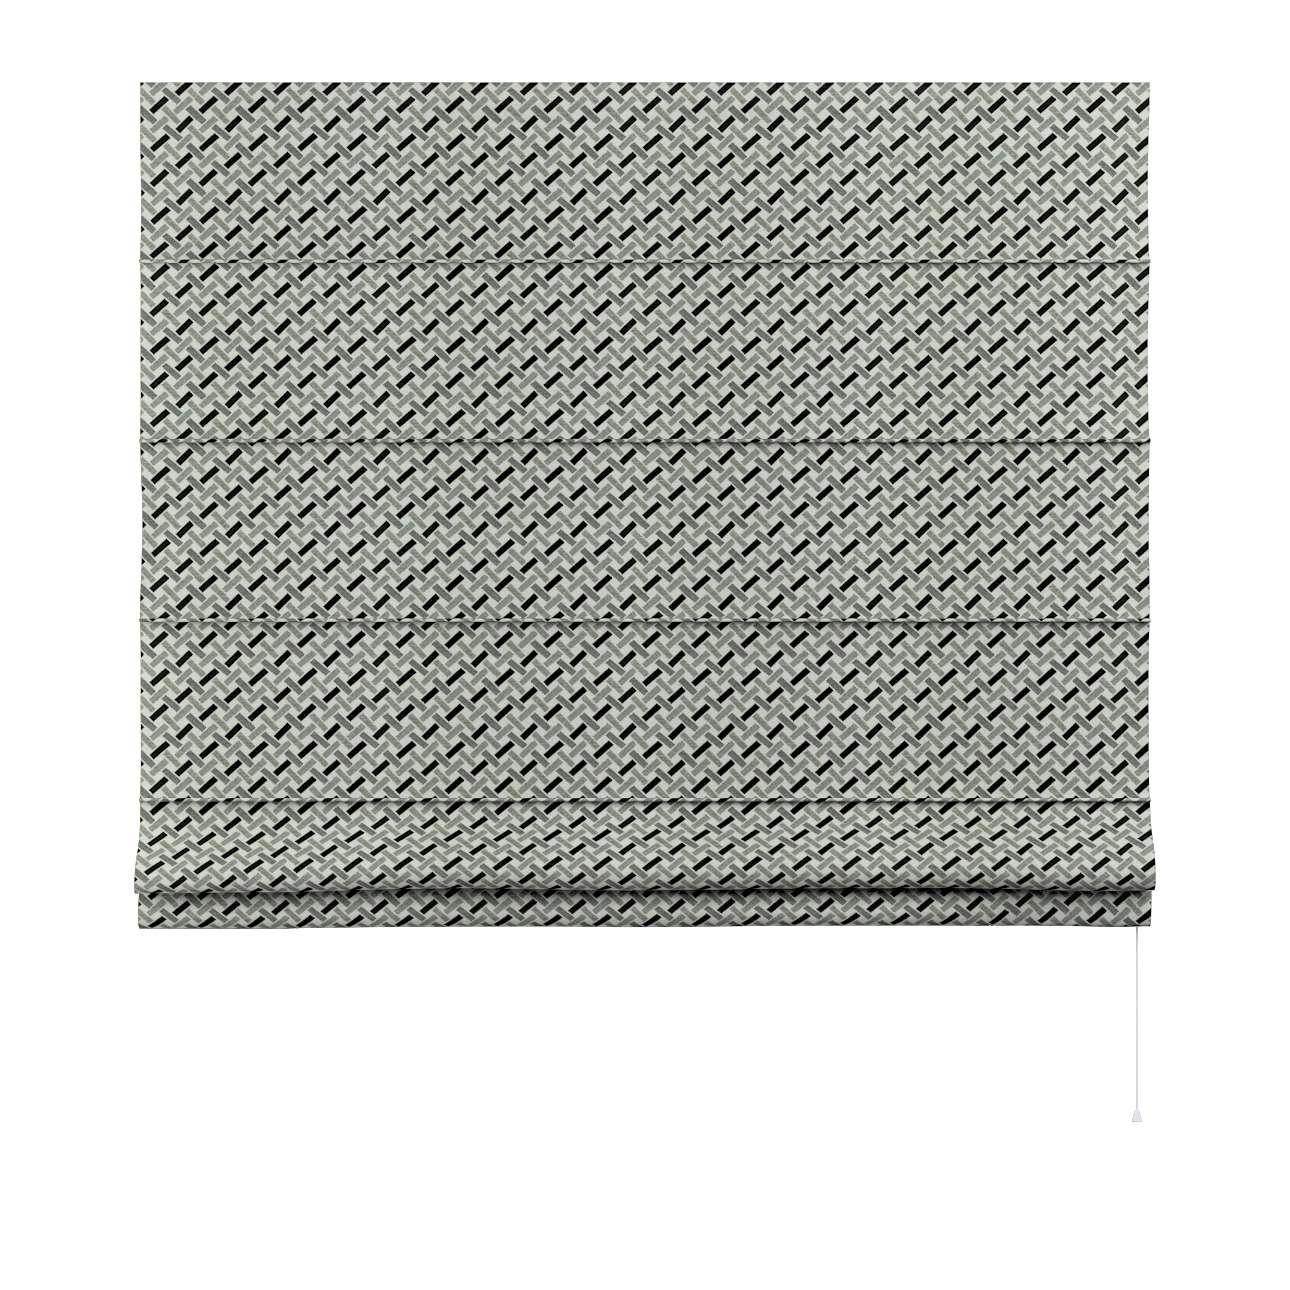 Foldegardin Capri<br/>Uden flæsekant fra kollektionen Black & White, Stof: 142-78